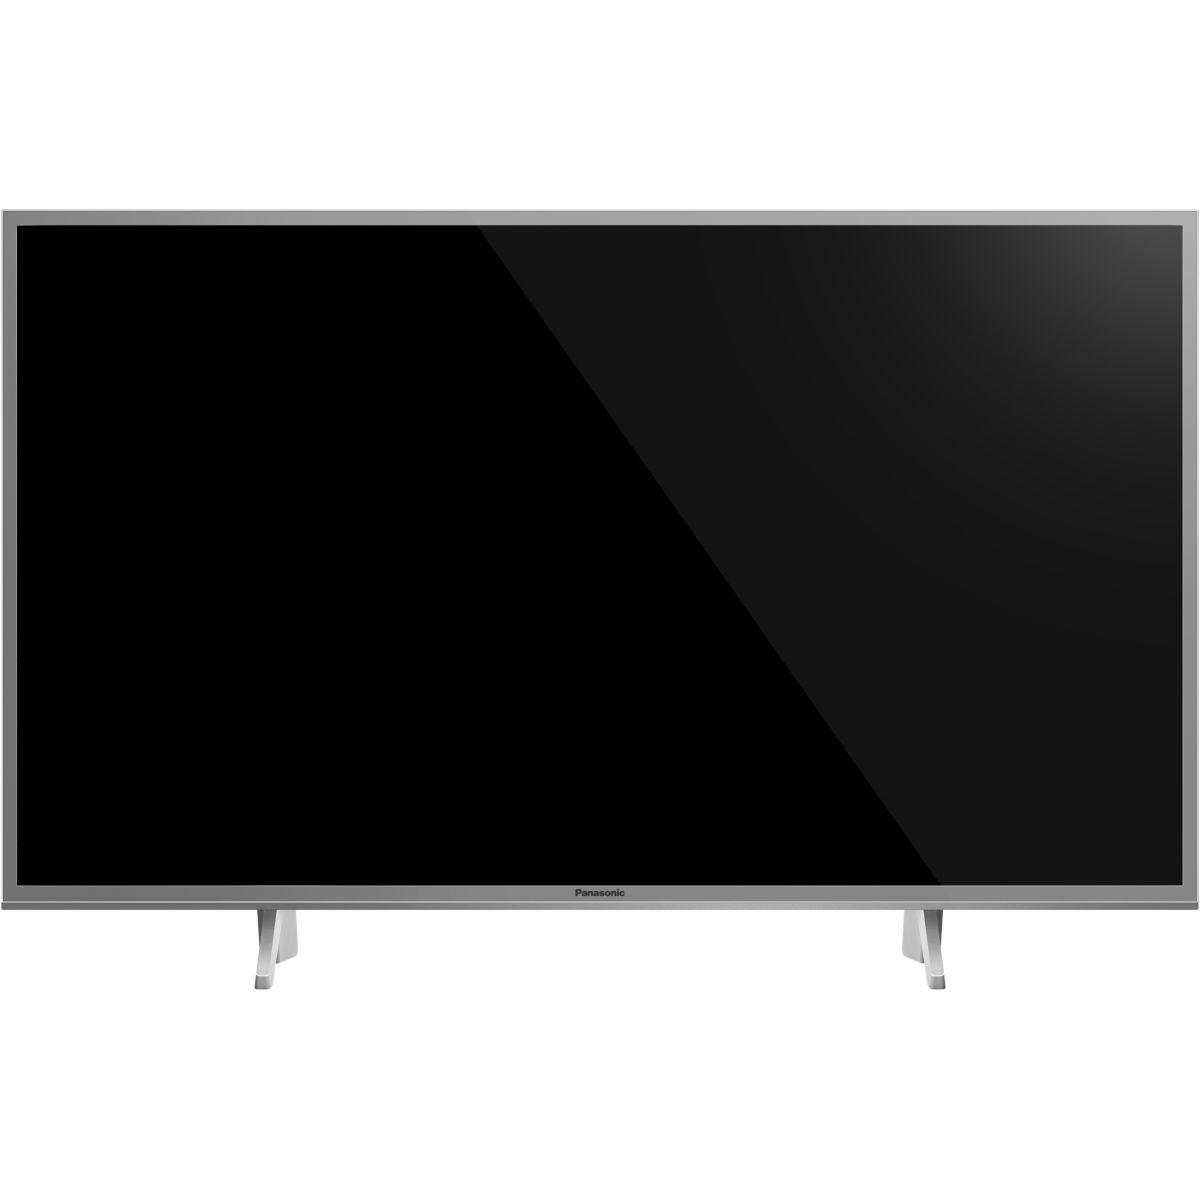 Tv led panasonic tx-43fx613e - 2% de remise imm�diate avec le code : deal2